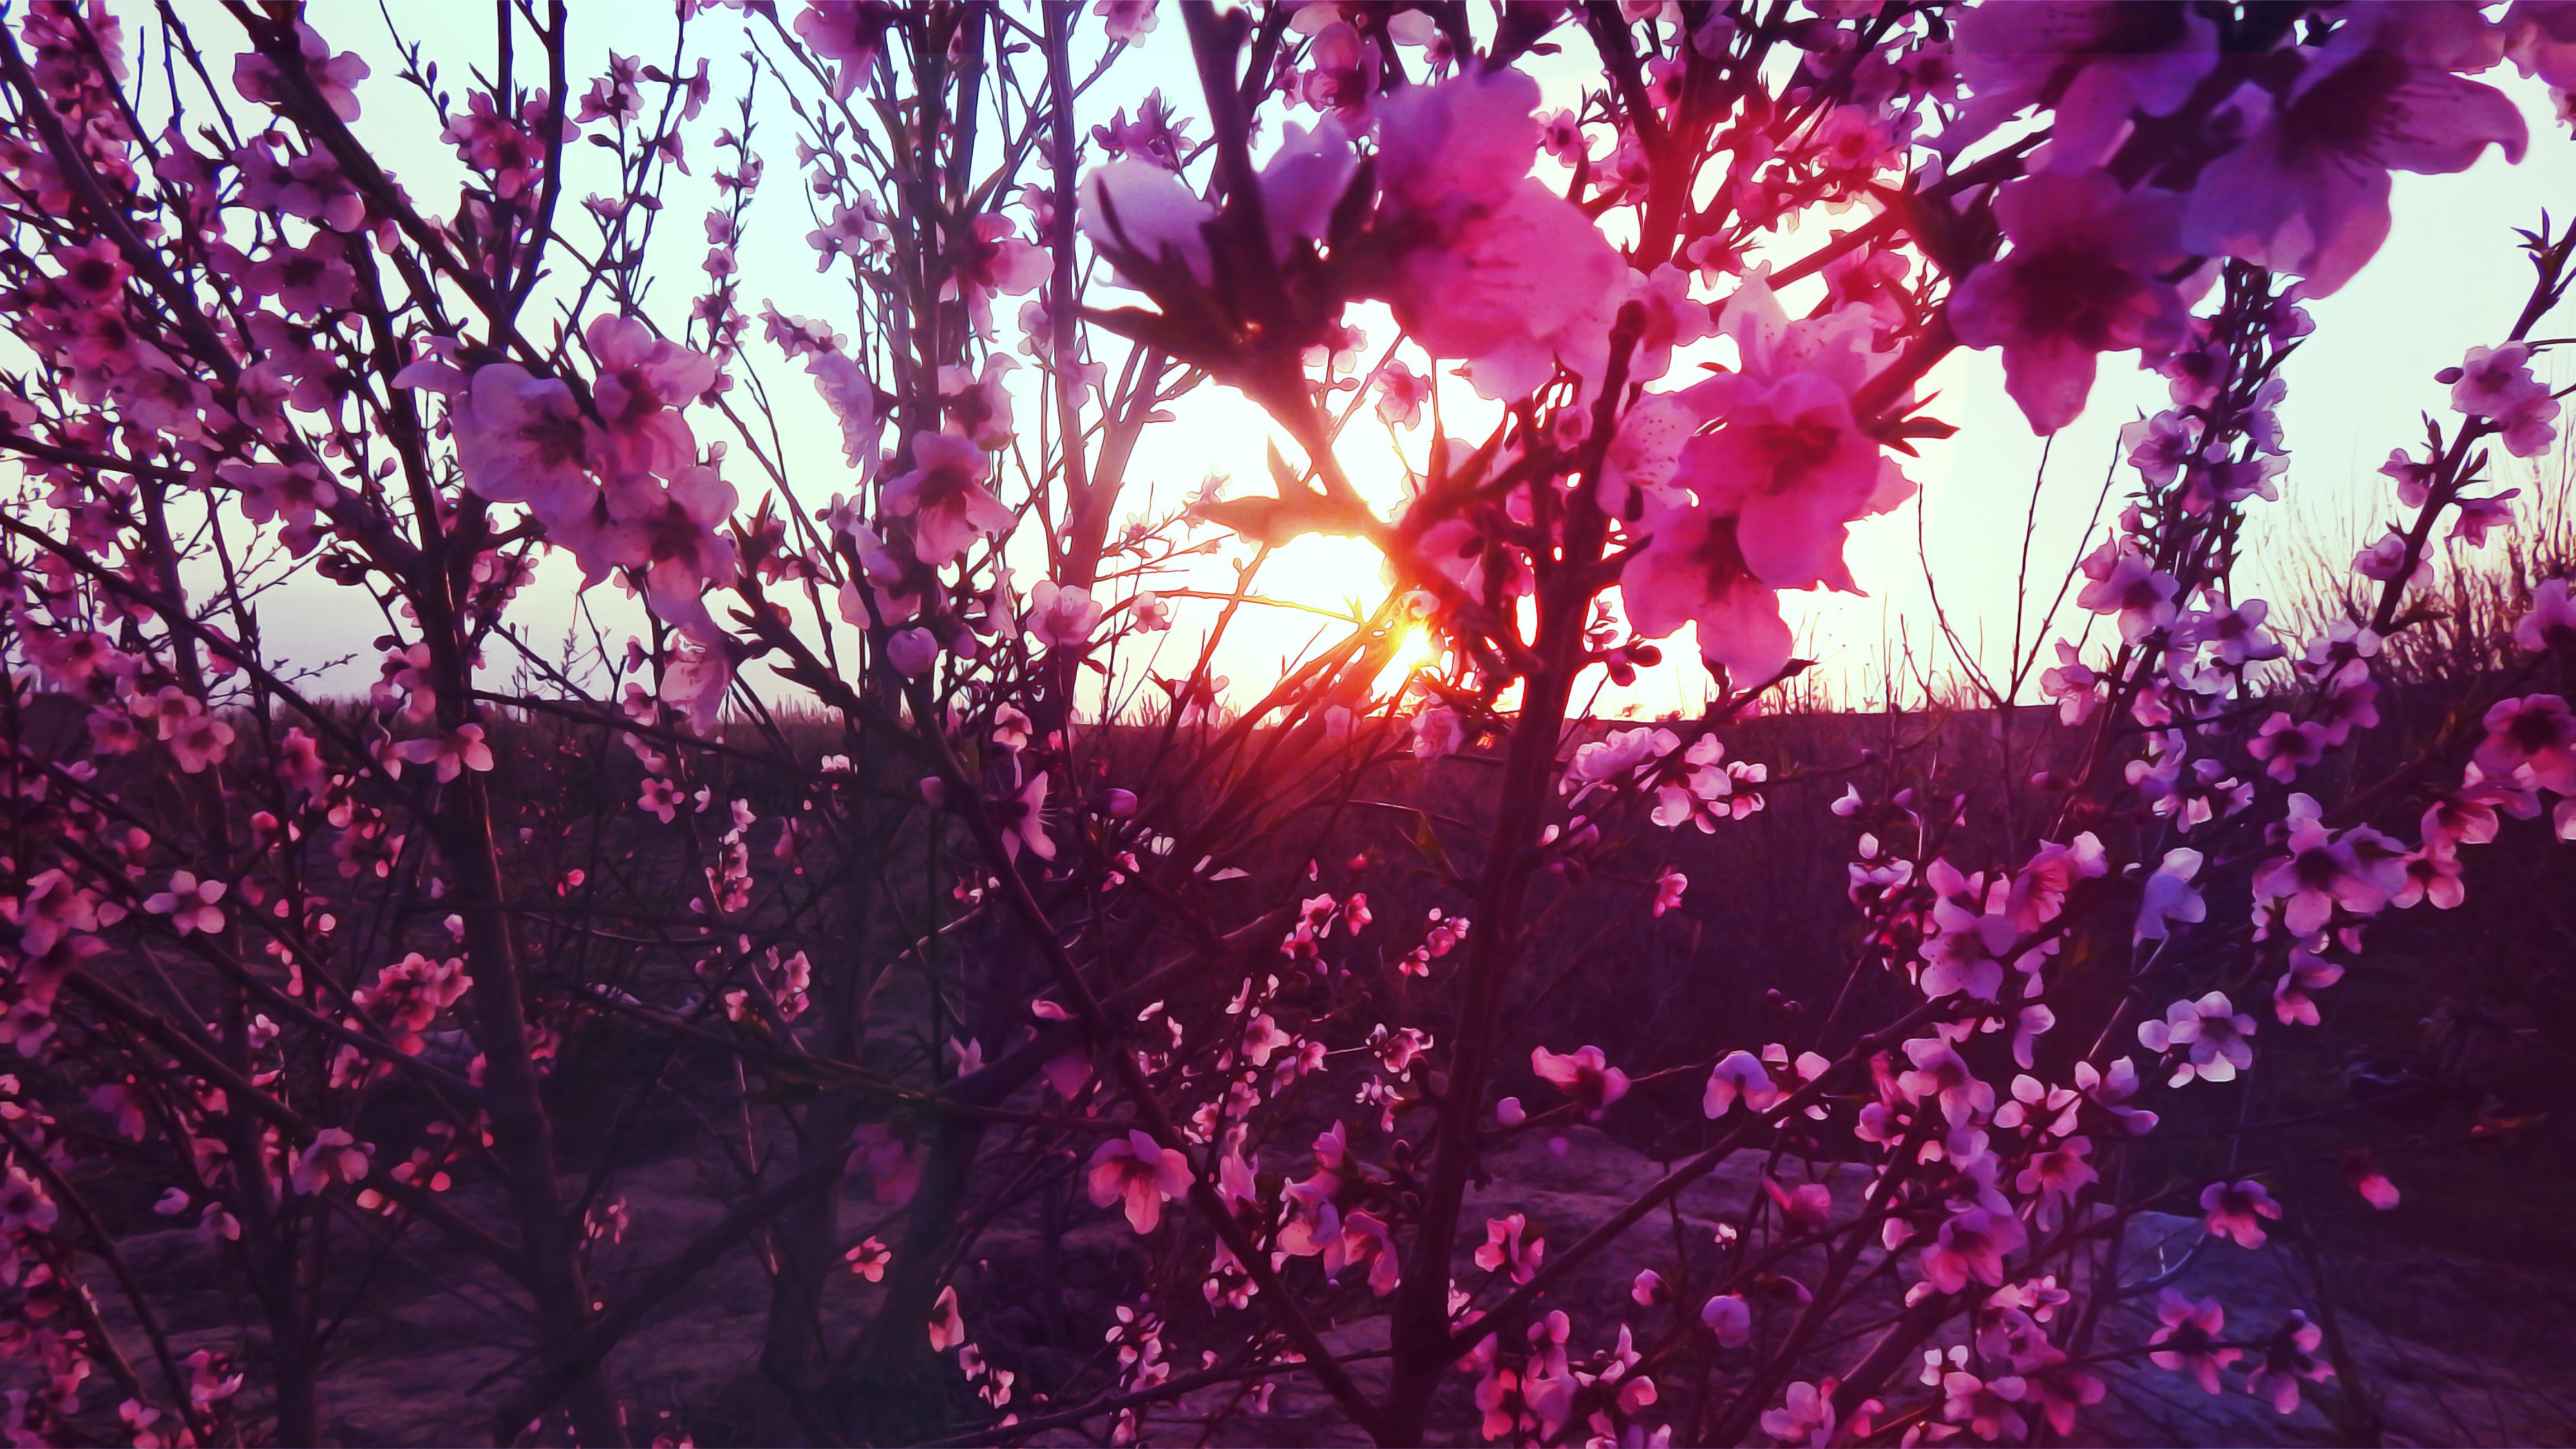 pohon cabang mekar menanam sinar matahari daun bunga ungu daun bunga warna musim gugur berwarna merah